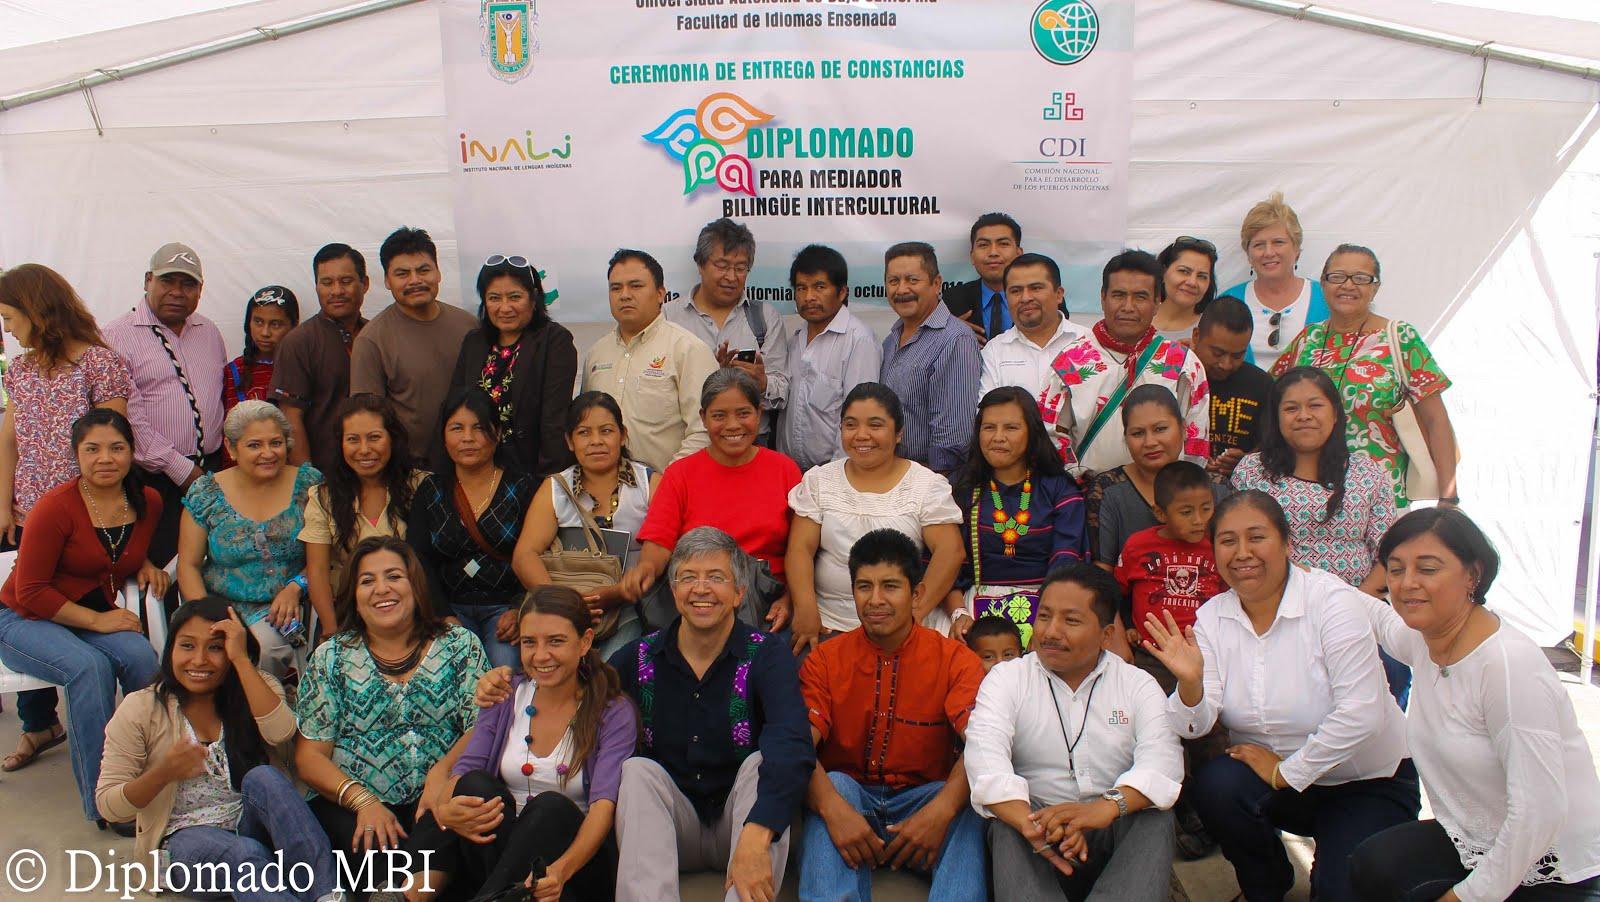 Mediadores Bilingües Interculturales